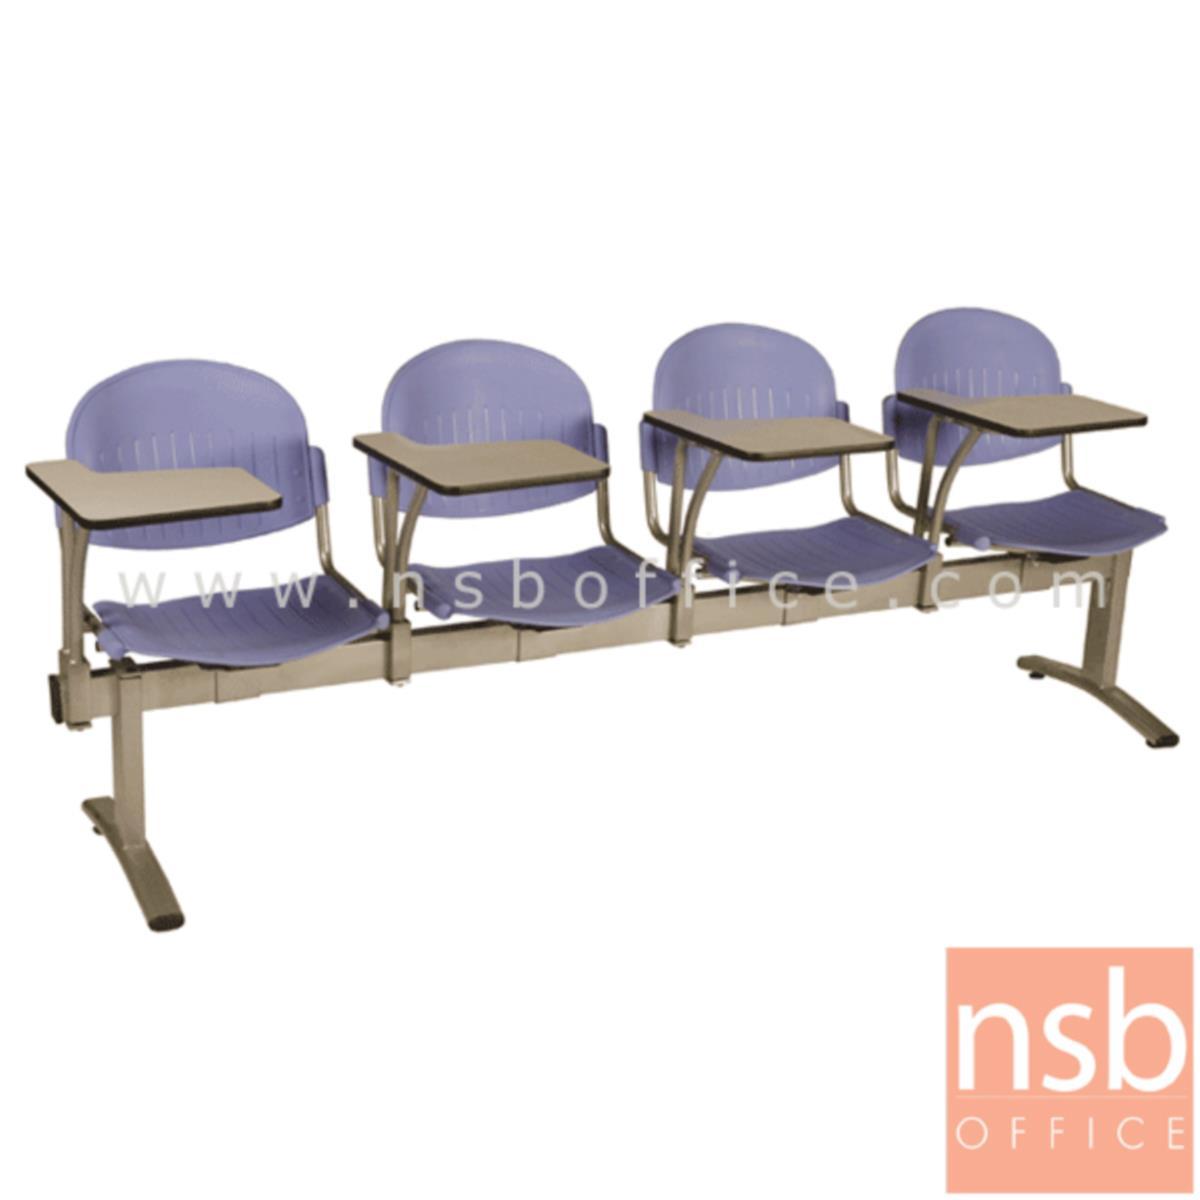 เก้าอี้เลคเชอร์แถวเฟรมโพลี่  รุ่น D956  2 ,3 และ 4 ที่นั่ง ขาเหล็กสีบรอนซ์เทา